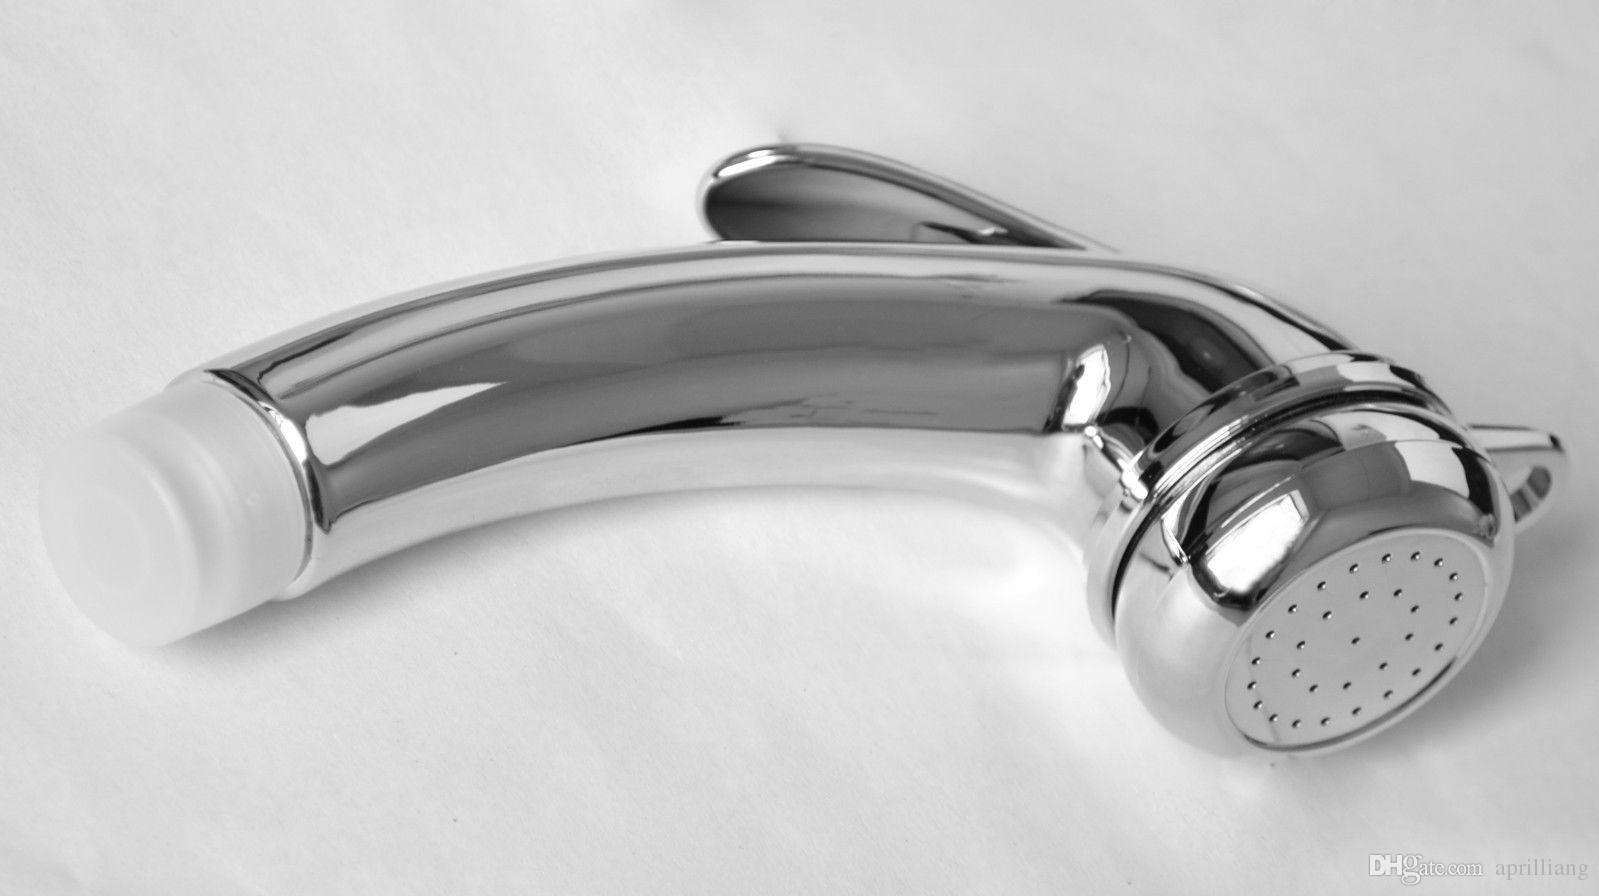 Bad WC ABS Bidet Sprayer Einzelkopf Hand Chrom Poliert Dusche Shattaf Windel Wash Spray Dusche Düse G1 / 2